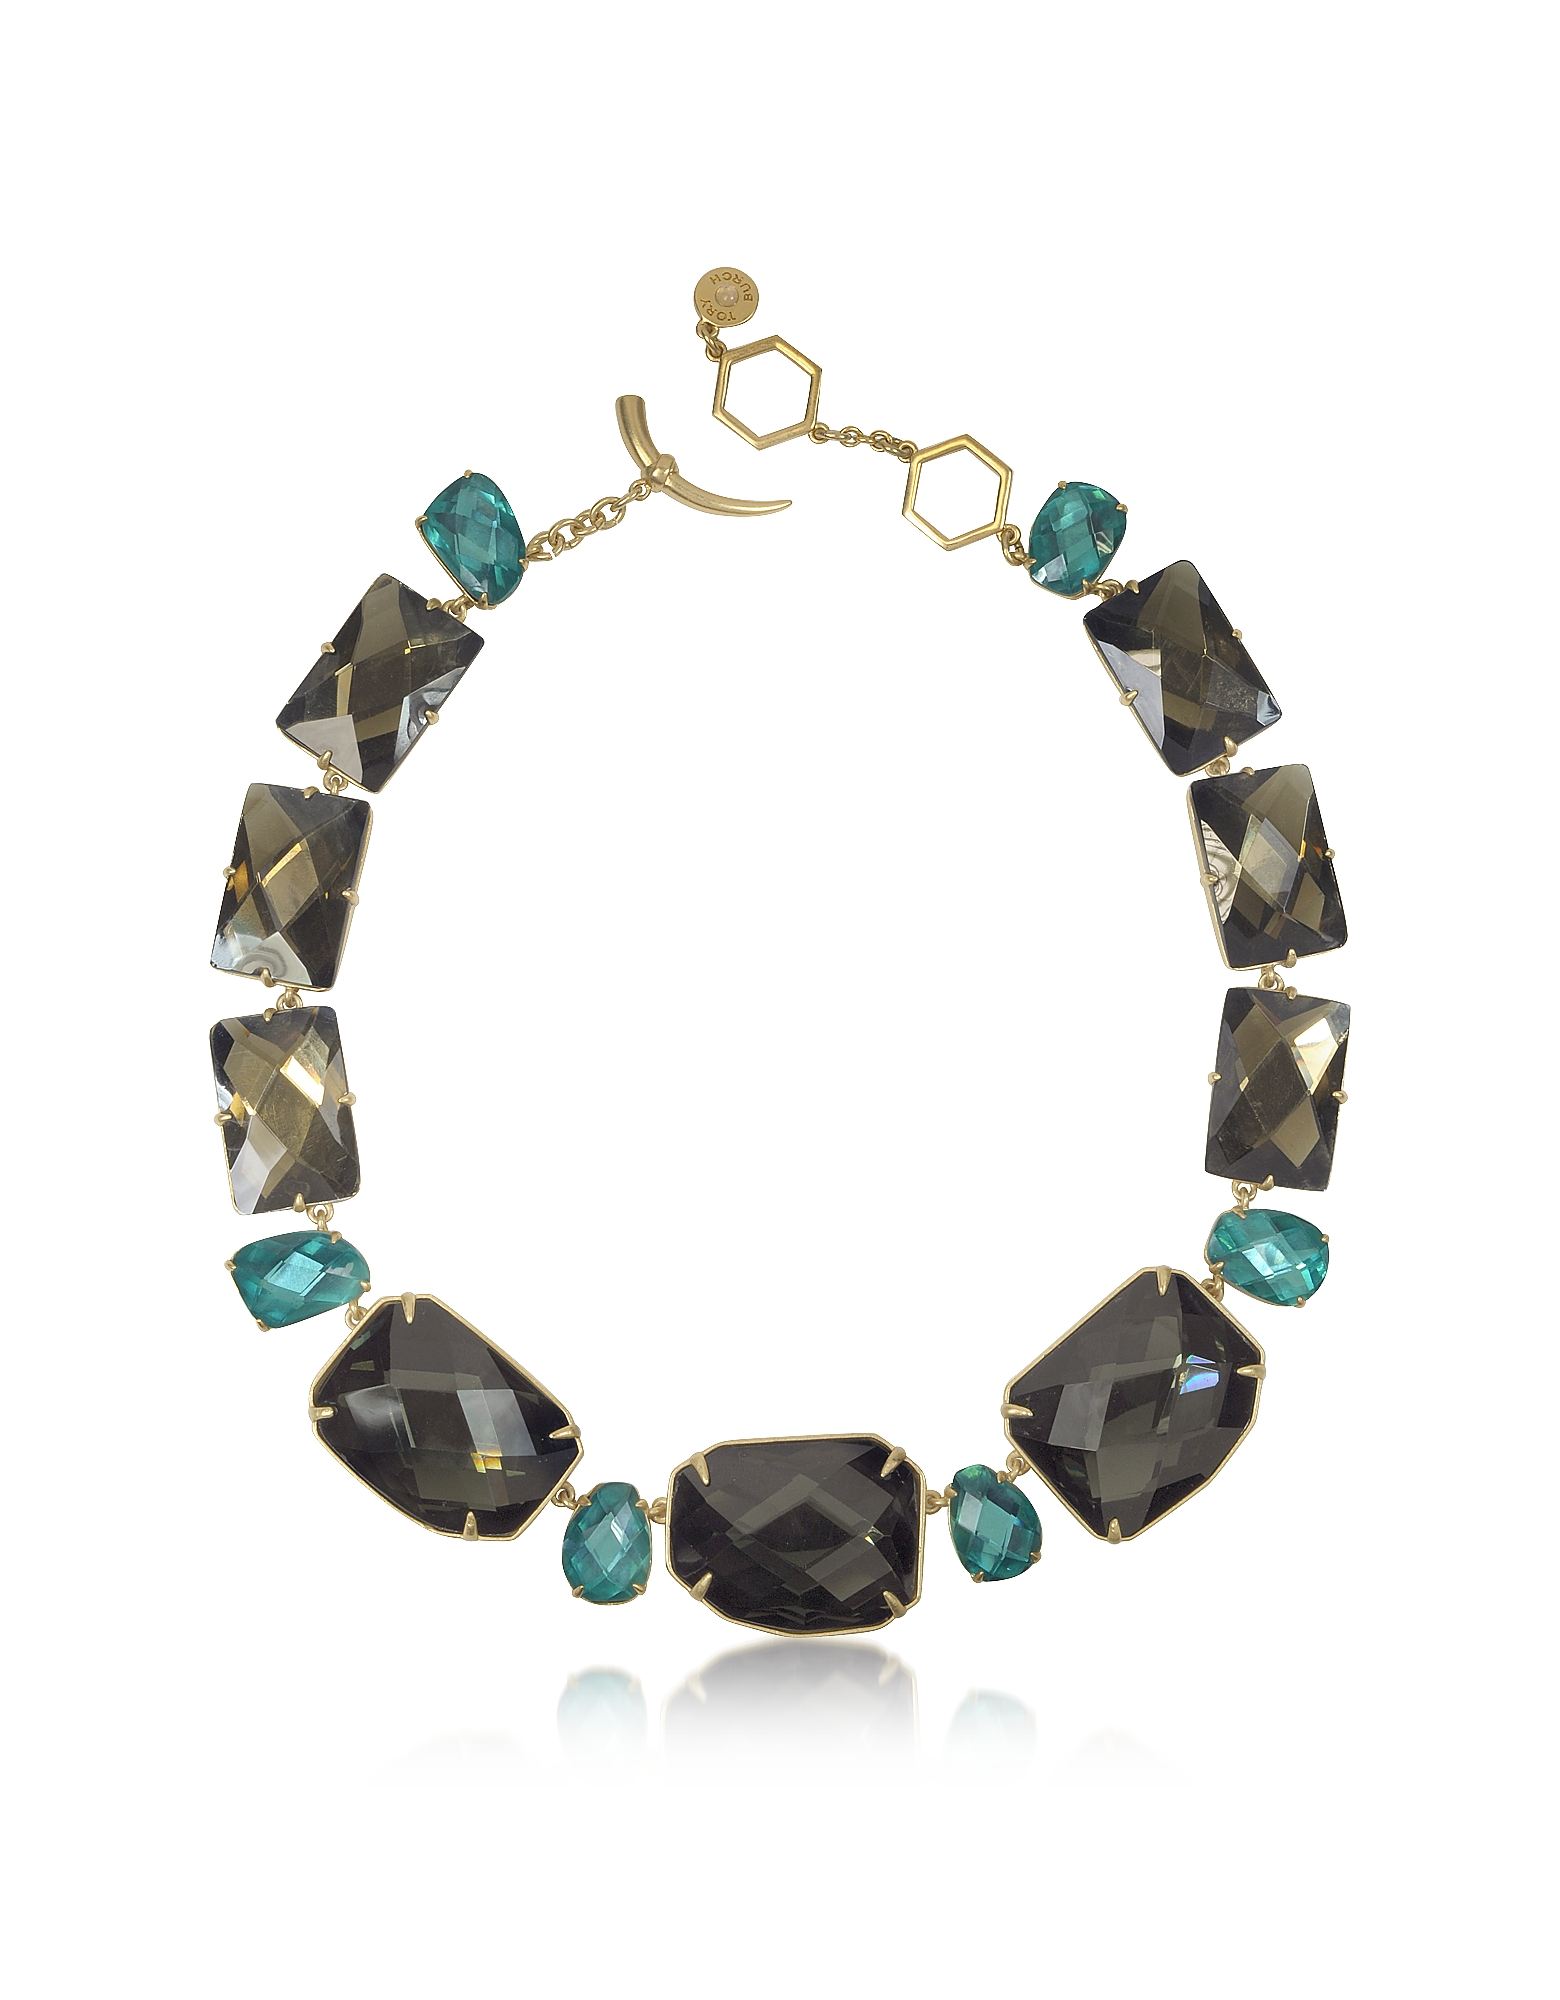 Tory Burch Ожерелье из Золотистой Меди с Кристаллами Оттенка Деним